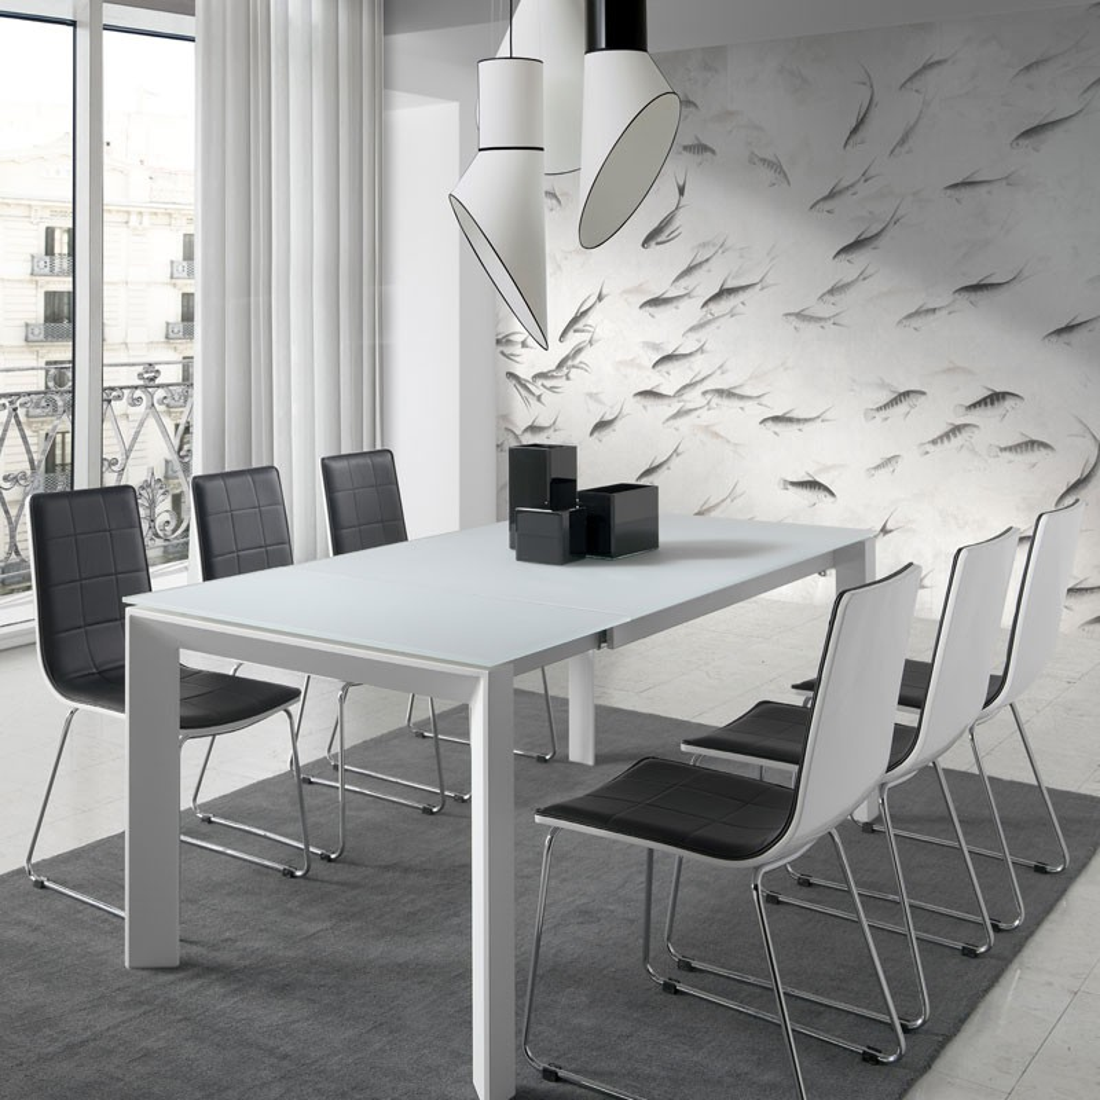 Table de repas allonge plateau verre givr blanc mista univers sam - Table en verre trempe blanc ...